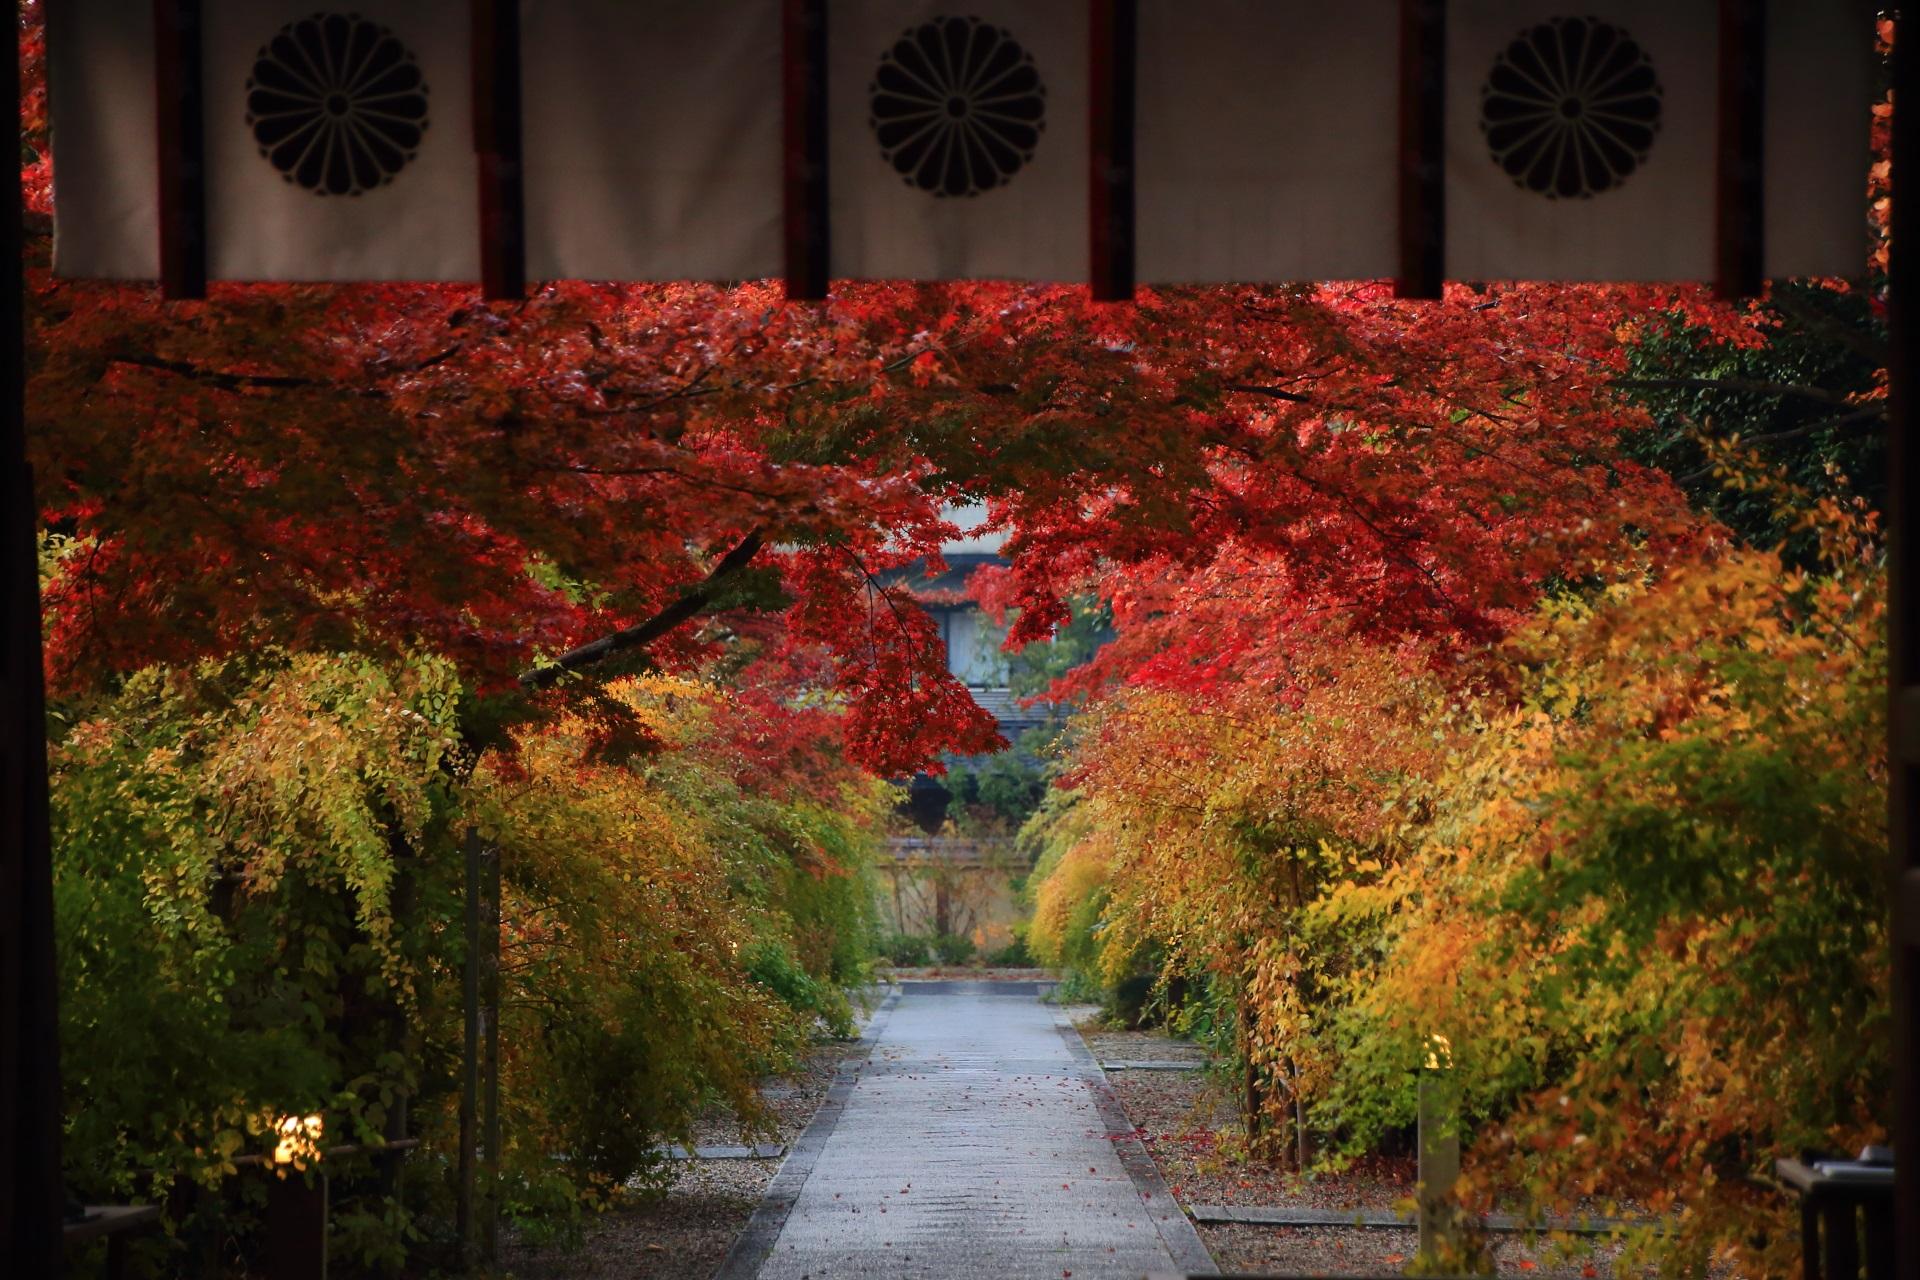 梨木神社の神門の下から眺めた紅葉の参道